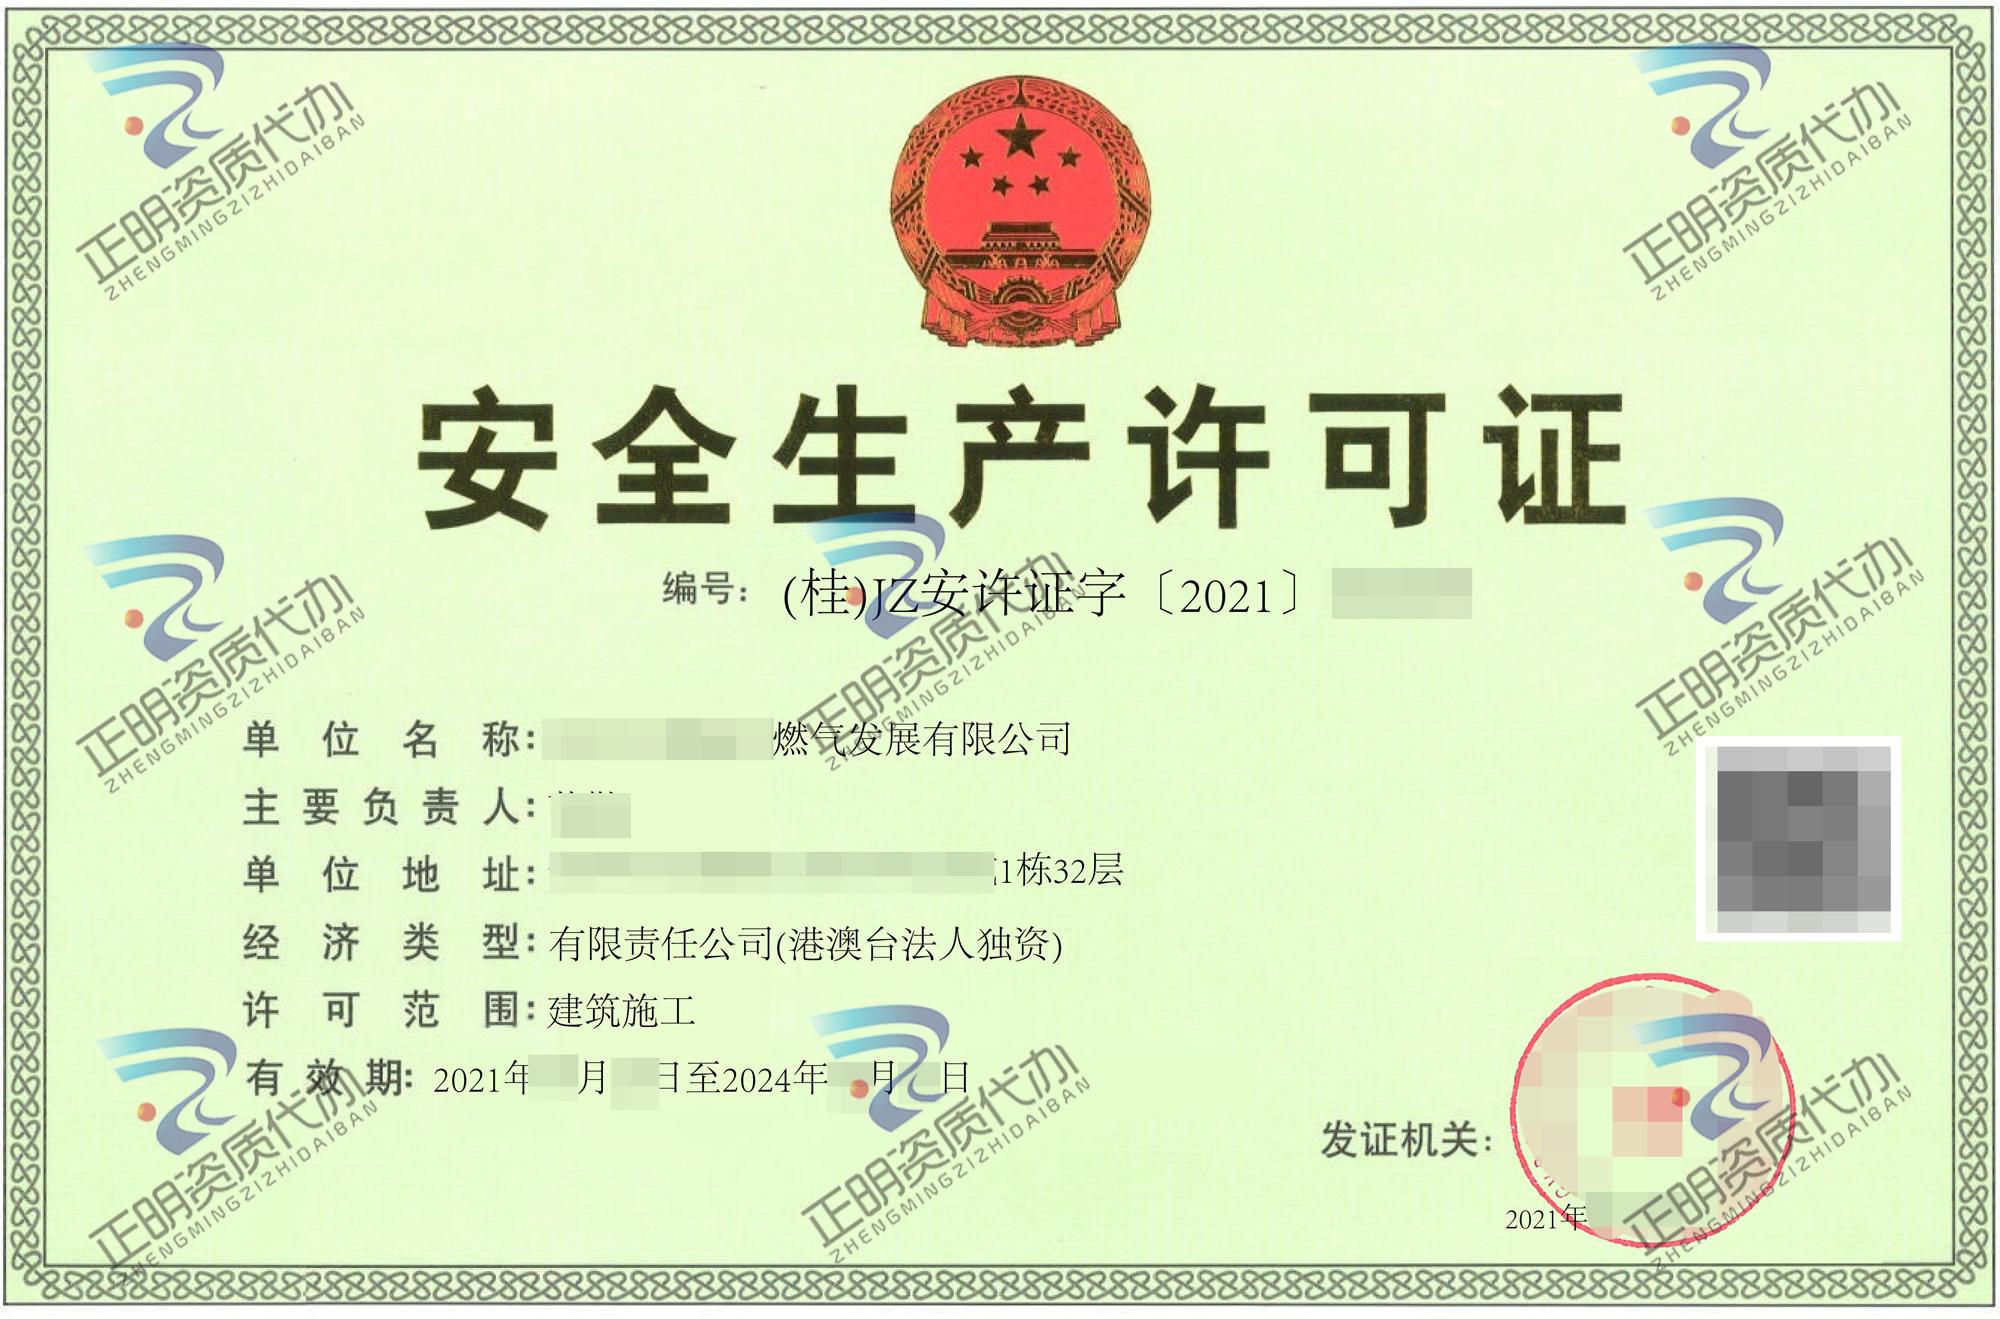 钦州-燃气发展有限公司安全生产许可证